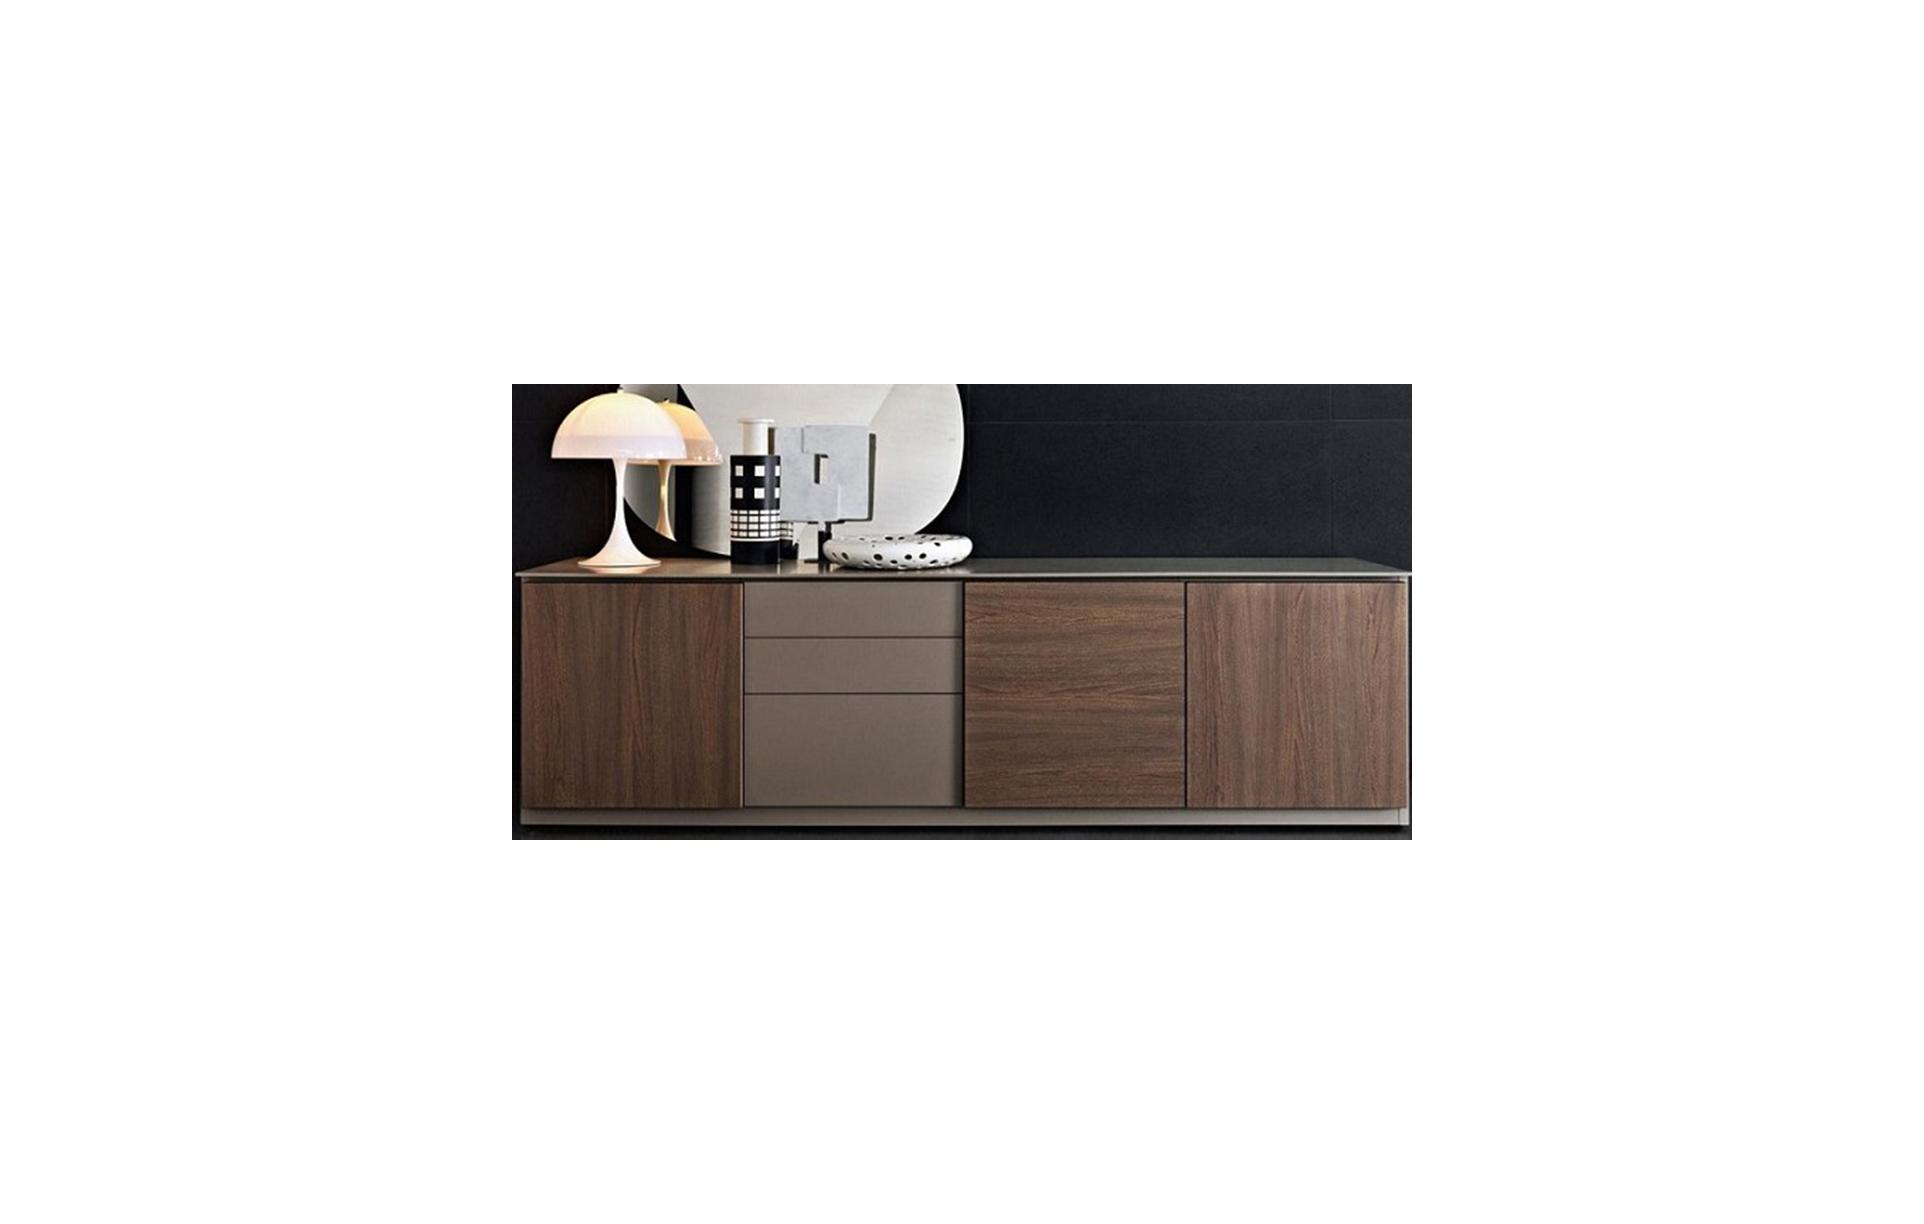 Bostan konsol Kapicino ve ceviz kaplama kullanılarak üretilen yemek odası son derece modern bir takım.Komple sedef rengi veya ceviz olarak üretilebilir.Ölçü değiştirilebilir.Komple yemek odası takımı için lütfen Bostan Mobilya tasarım veya Alan mobilya tasarım ile iletişime geçiniz.